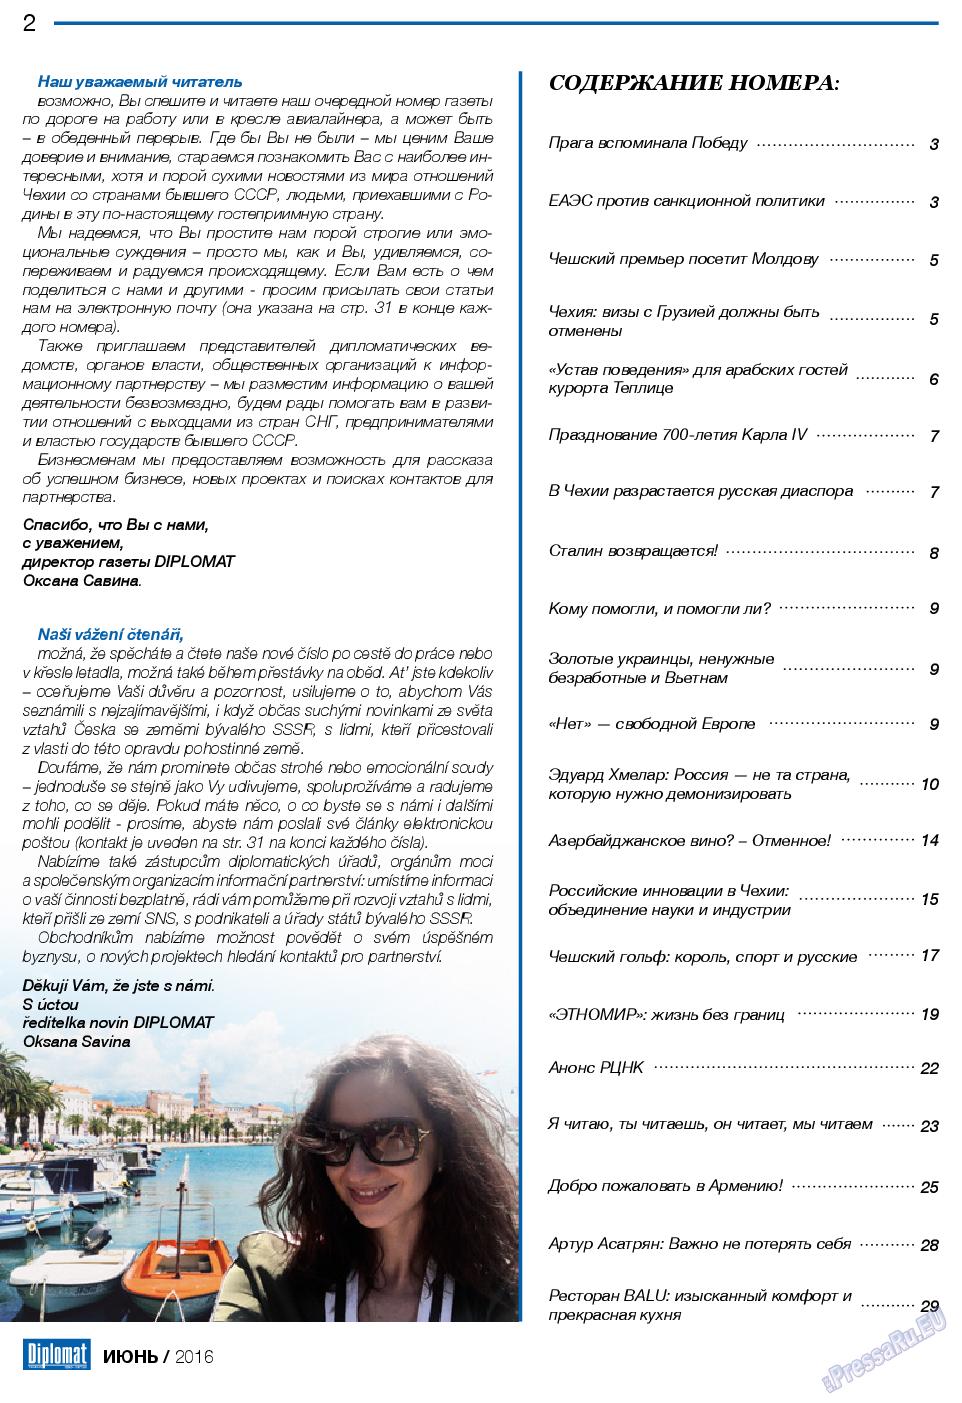 Diplomat (газета). 2016 год, номер 81, стр. 2